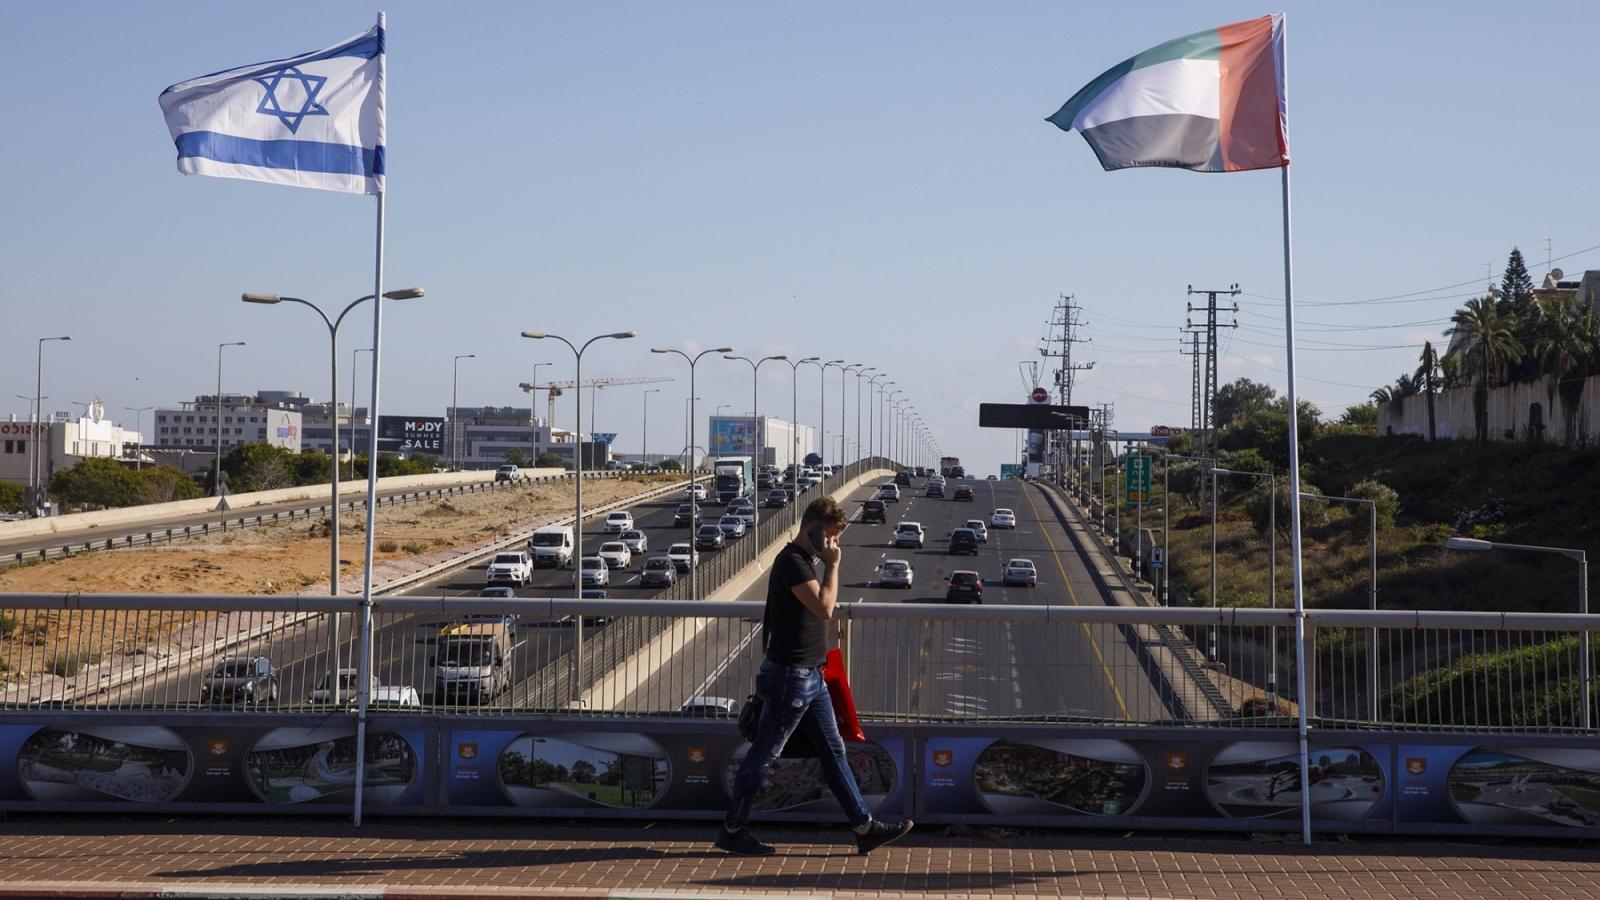 Saudi Arabiađể ngỏ khả năng bình thường hóa quan hệ với Israel?